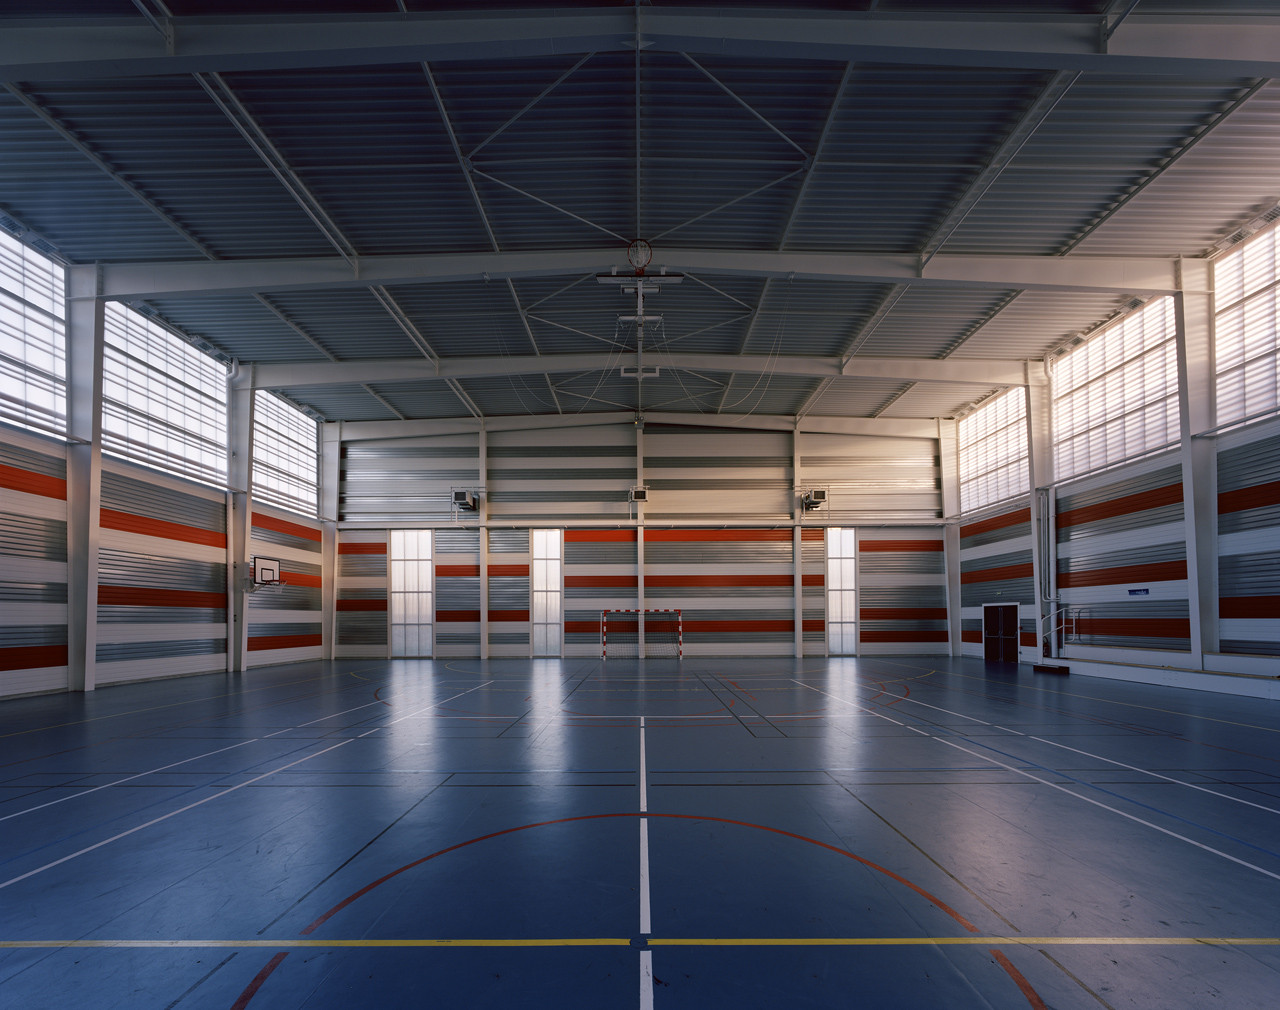 Galer a de gimnasio universitario en villetaneusen for Gimnasio 1 de mayo